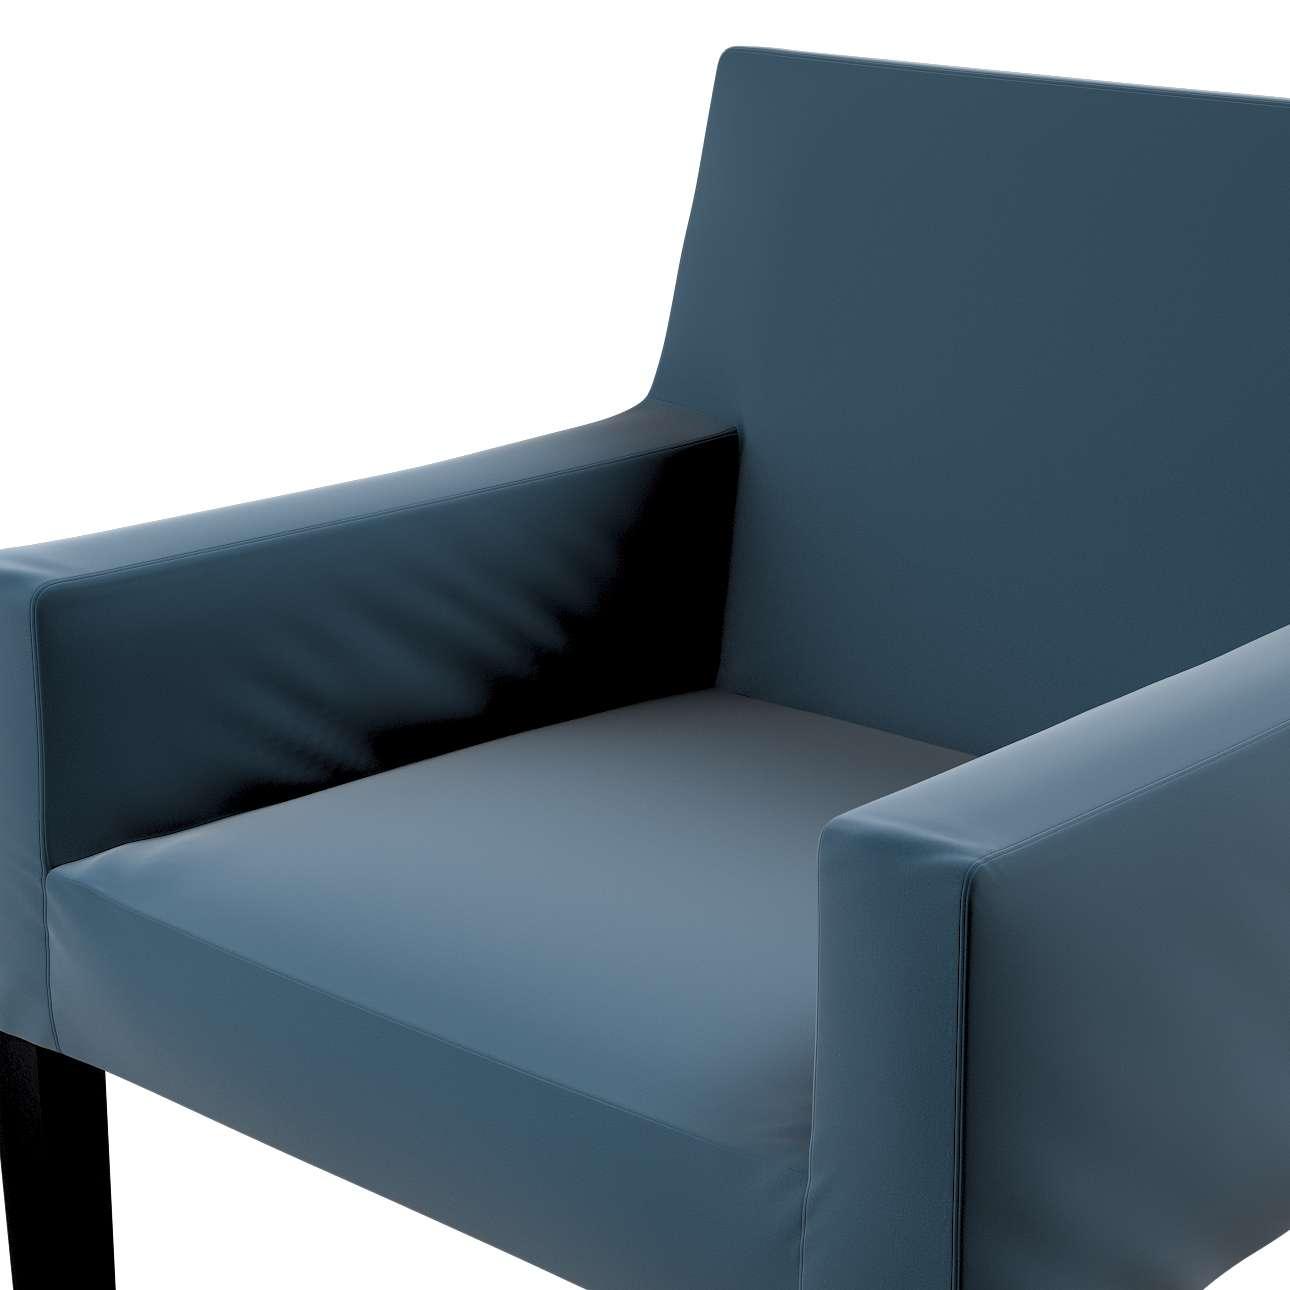 Sukienka na krzesło Nils w kolekcji Velvet, tkanina: 704-16